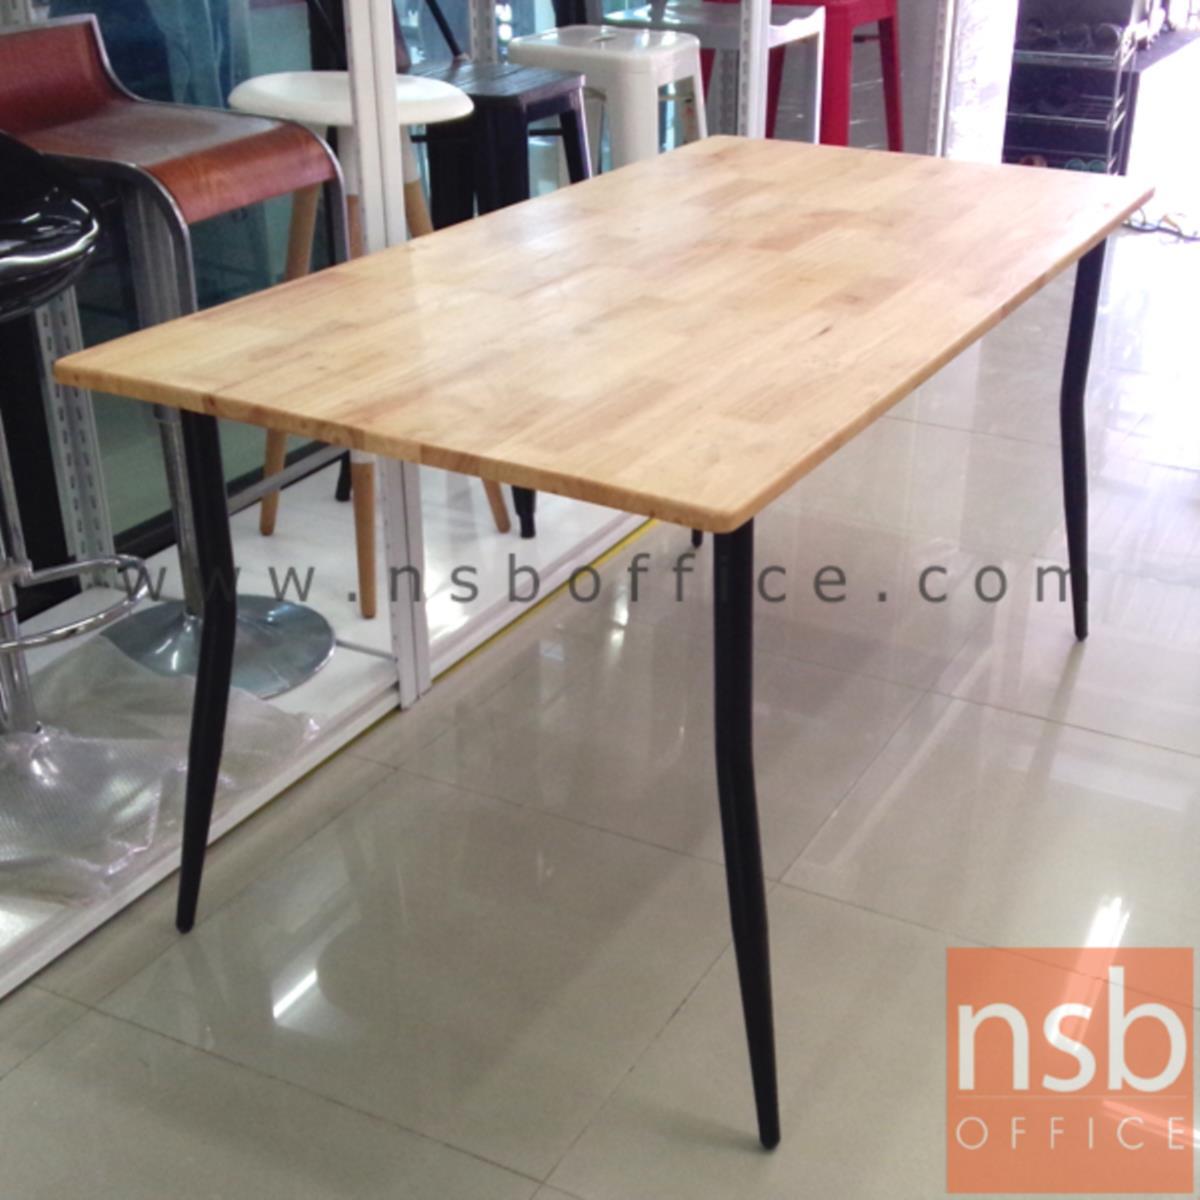 โต๊ะรับประทานอาหารหน้าไม้ยางพารา รุ่น SR-3 ขนาด 90W ,120W ,150W cm.  โครงขาเหล็ก